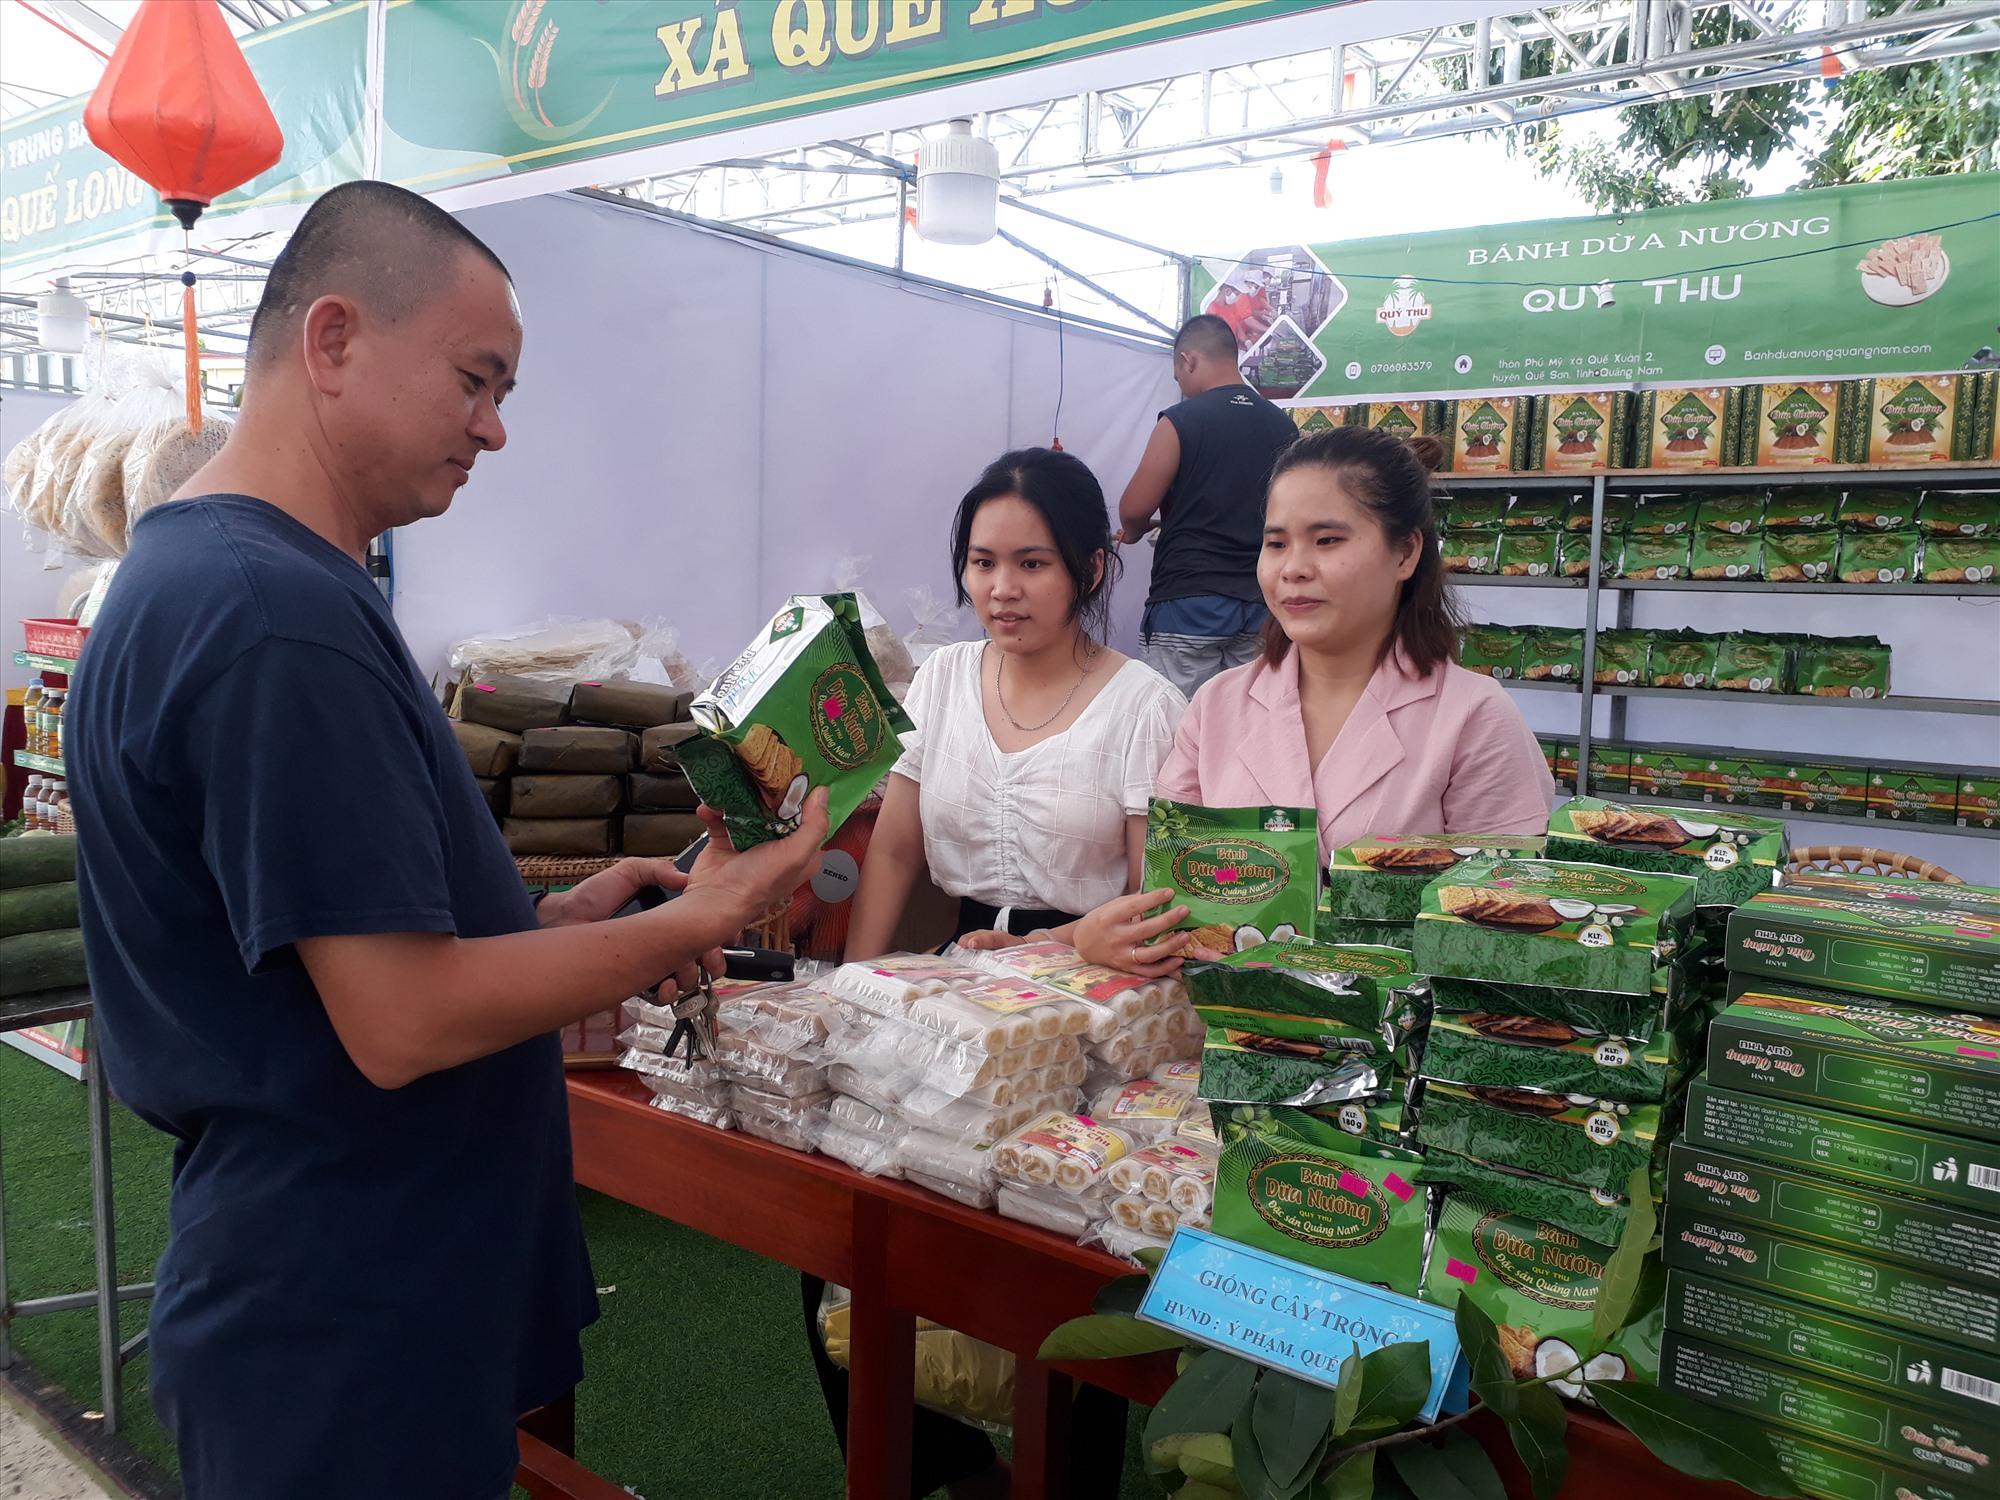 Các chủ thể OCOP ở Quế Sơn tích cực quảng bá sản phẩm, mở rộng thị trường tiêu thụ. Ảnh: N.S